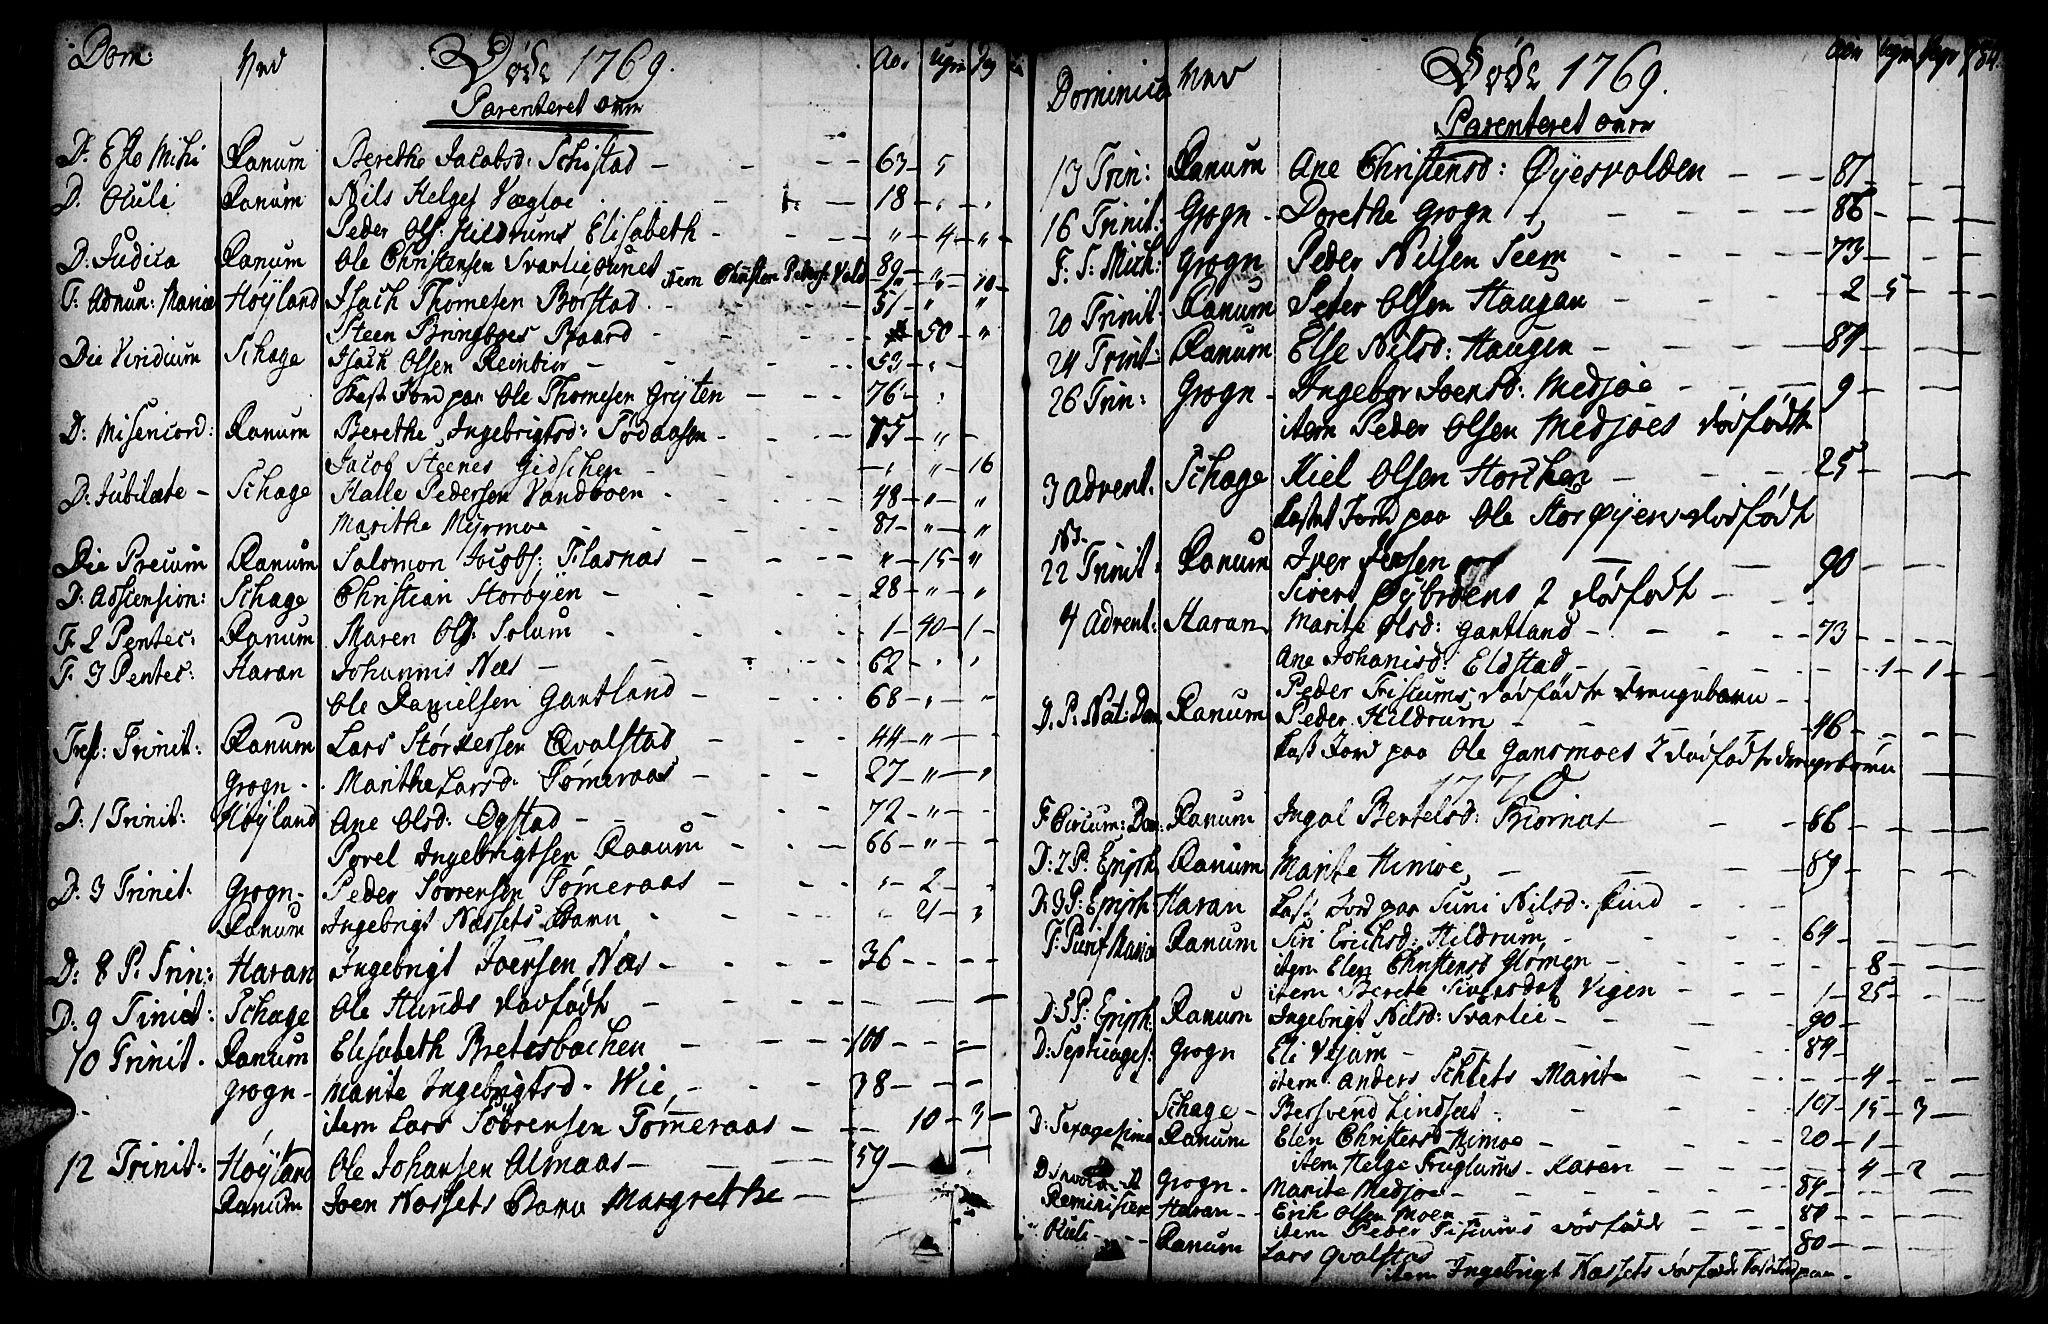 SAT, Ministerialprotokoller, klokkerbøker og fødselsregistre - Nord-Trøndelag, 764/L0542: Ministerialbok nr. 764A02, 1748-1779, s. 184